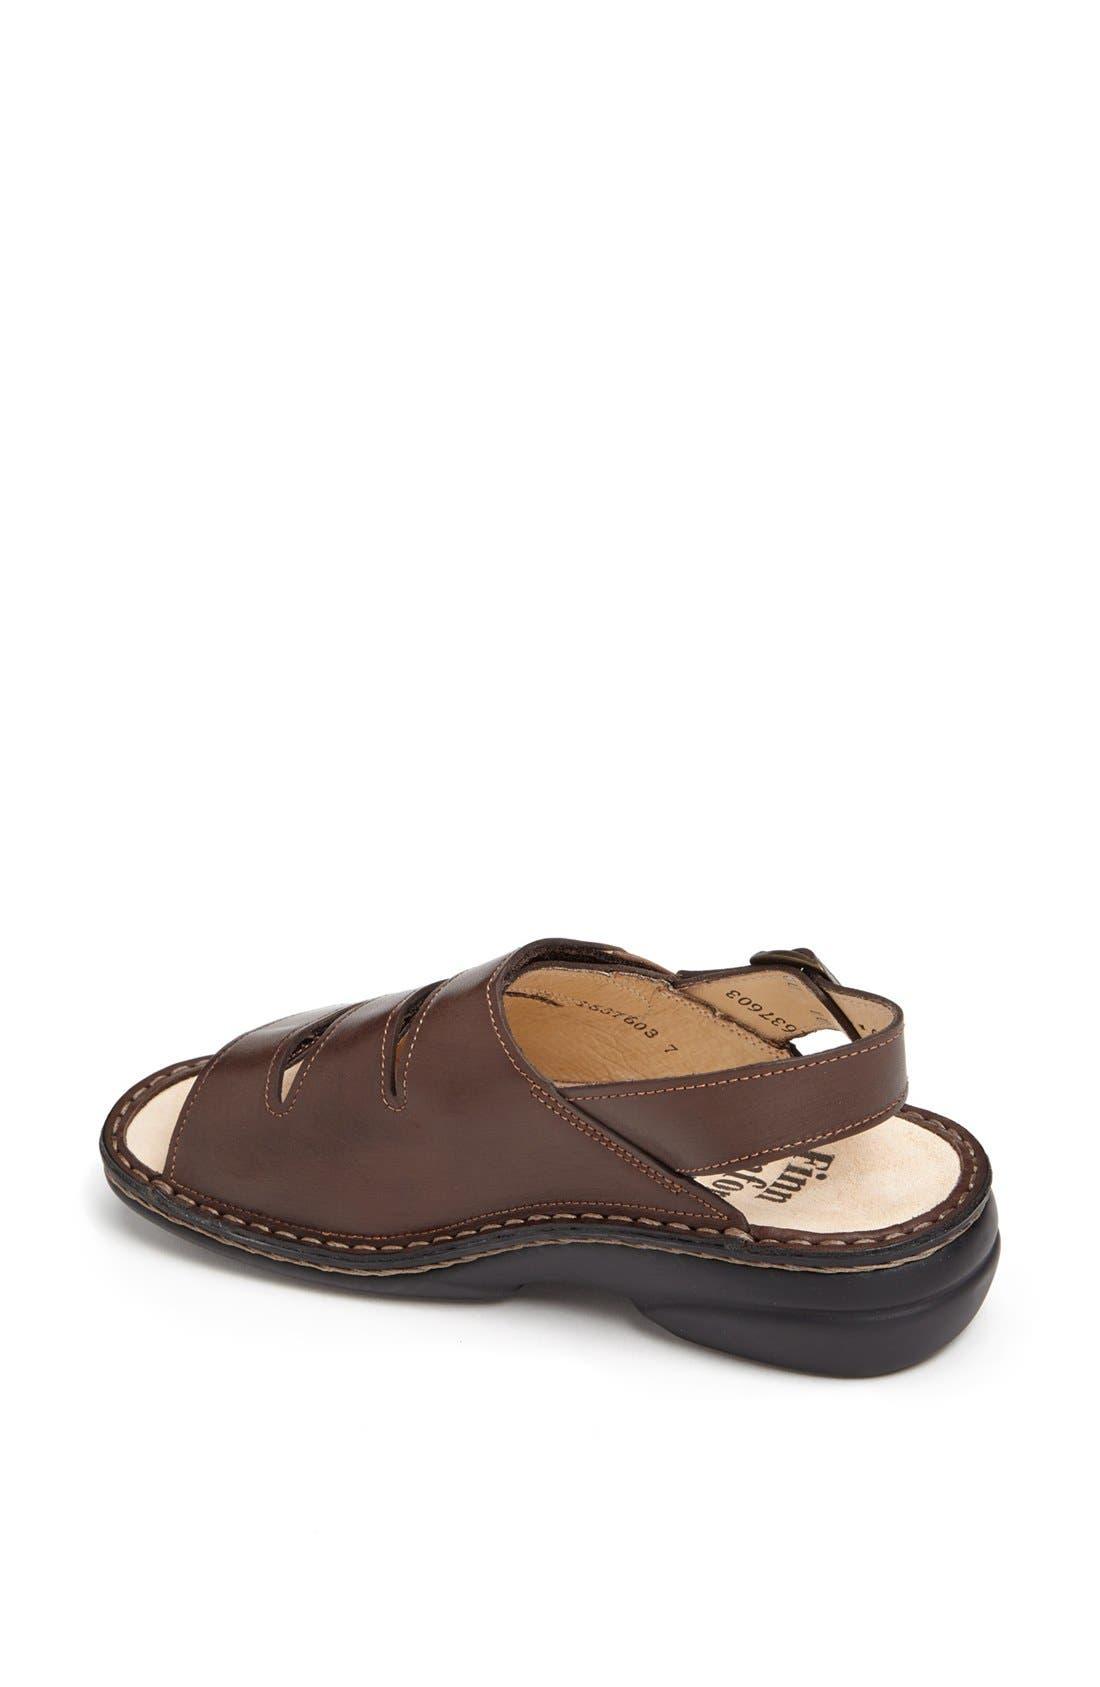 Alternate Image 2  - Finn Comfort 'Saloniki' Sandal